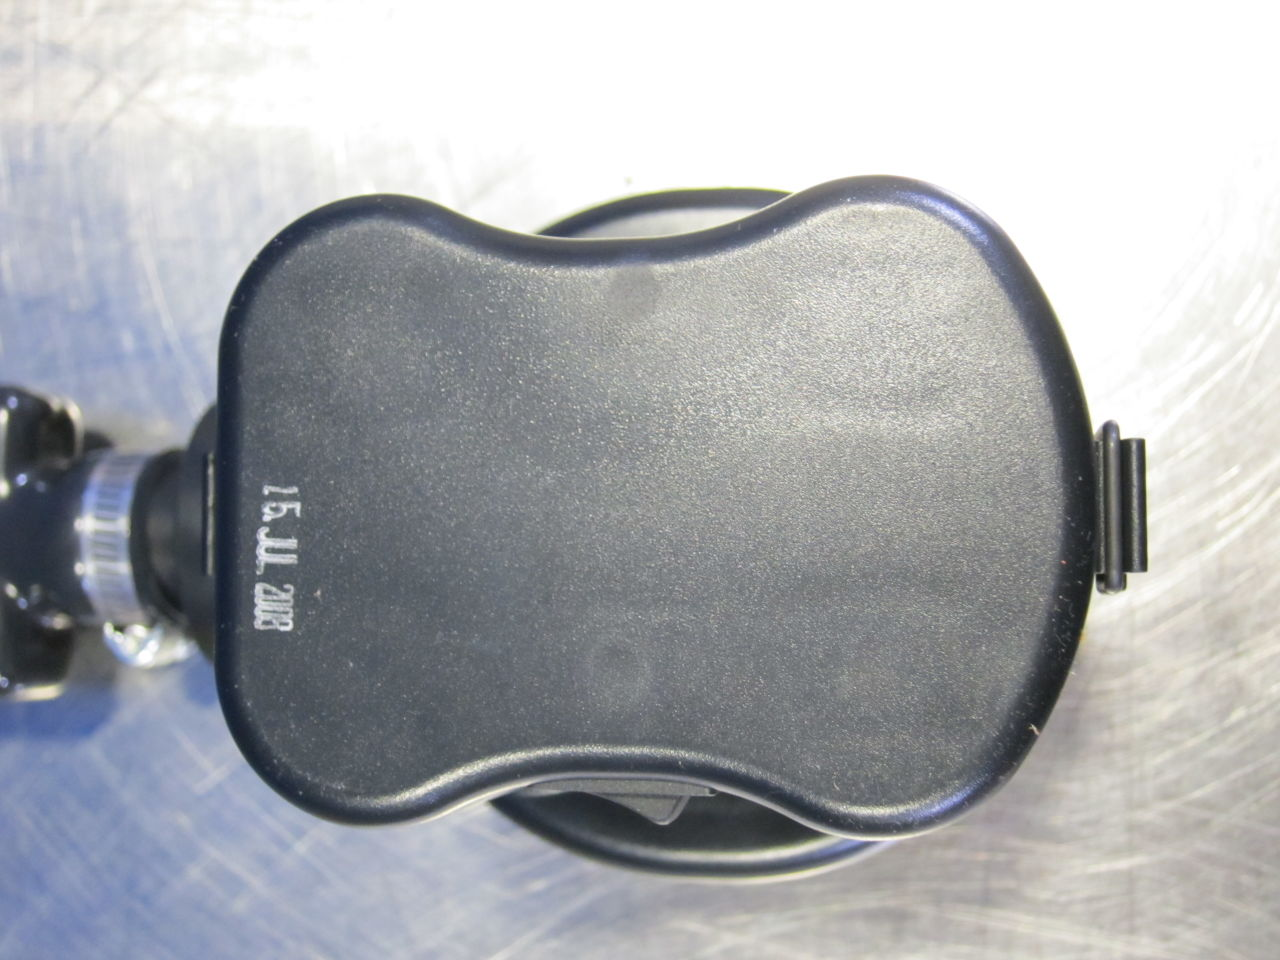 INTEX Quick-Fill AP639 Air Mattress Pump